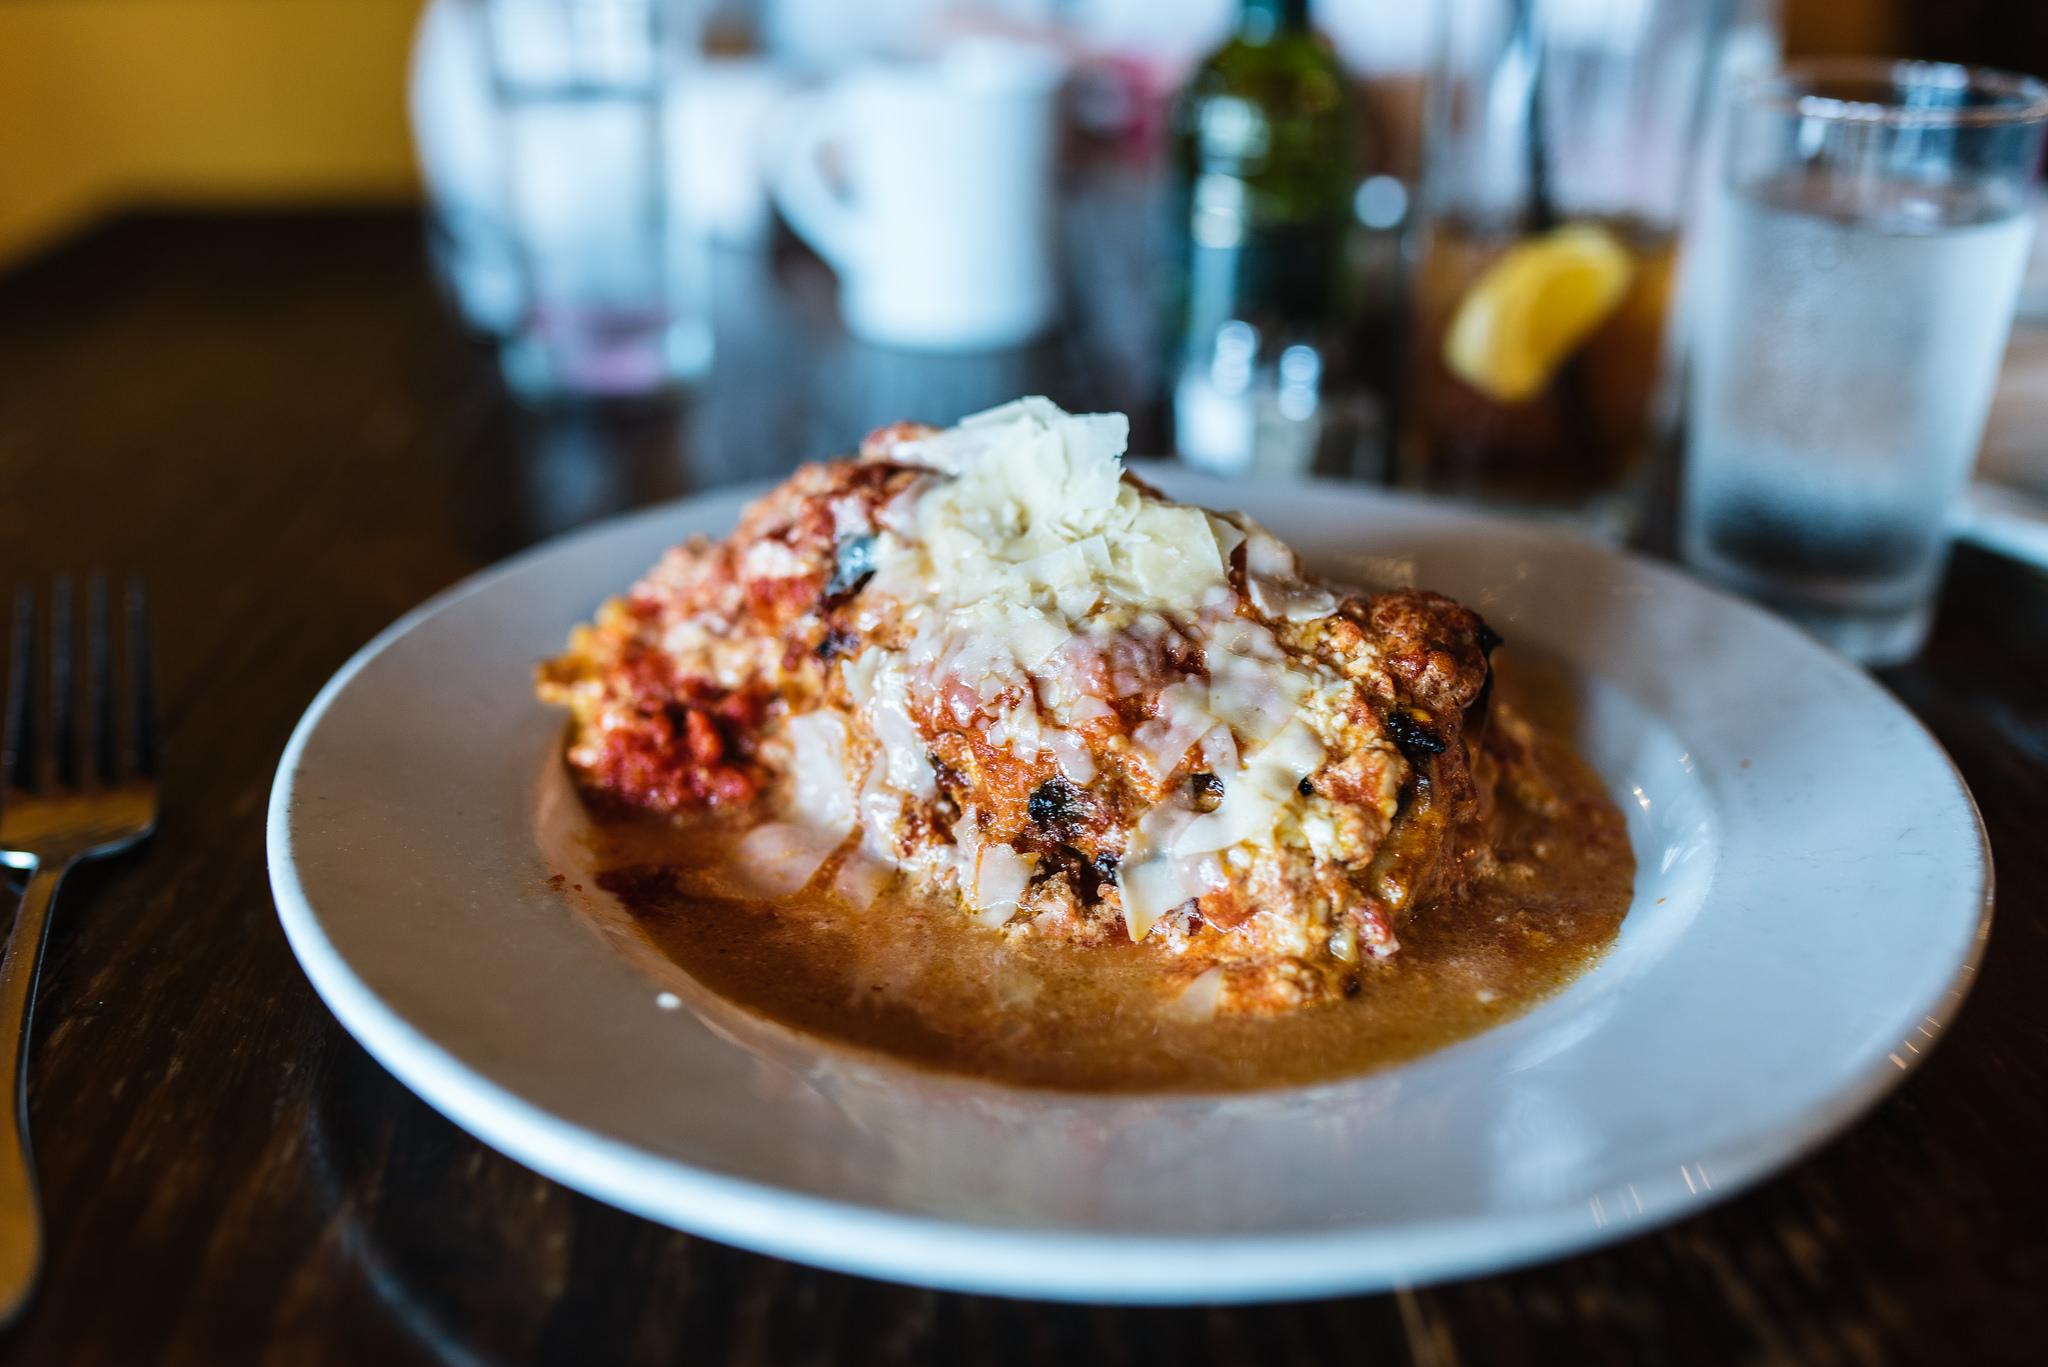 Sugo's lasagna